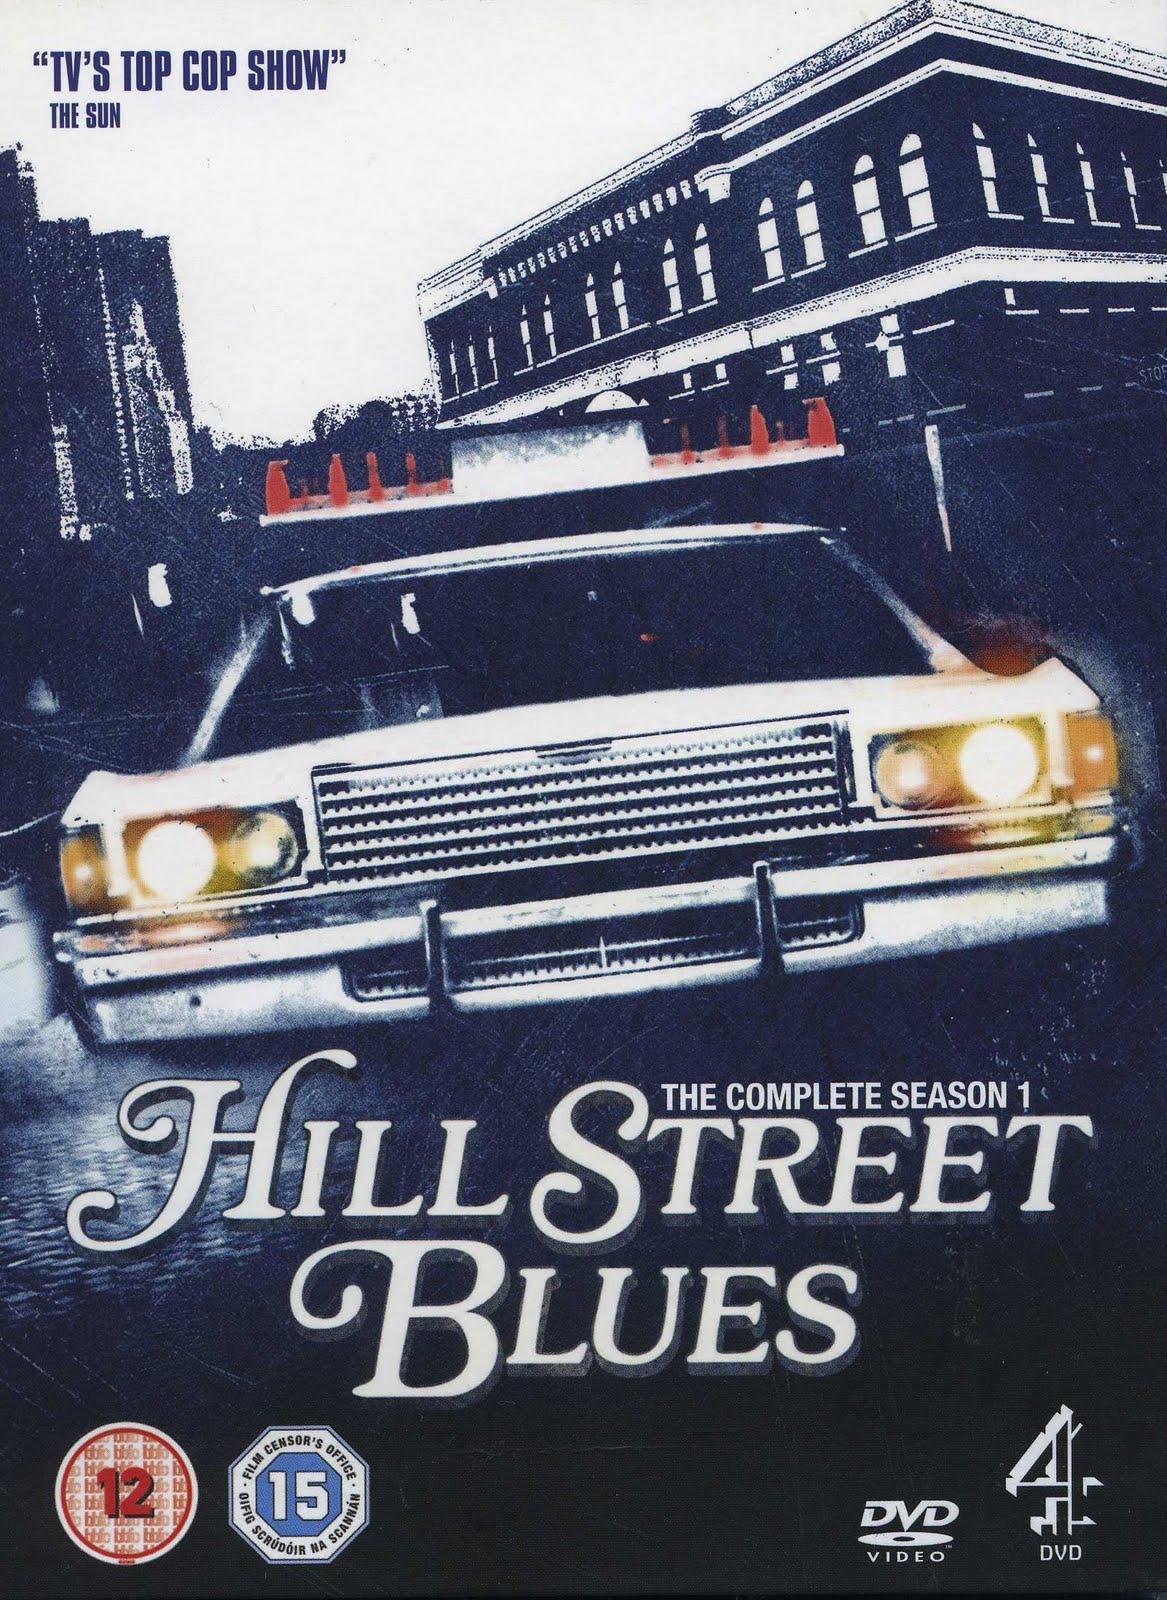 Hill Street Blues (TV Series 1981–1987) - IMDb